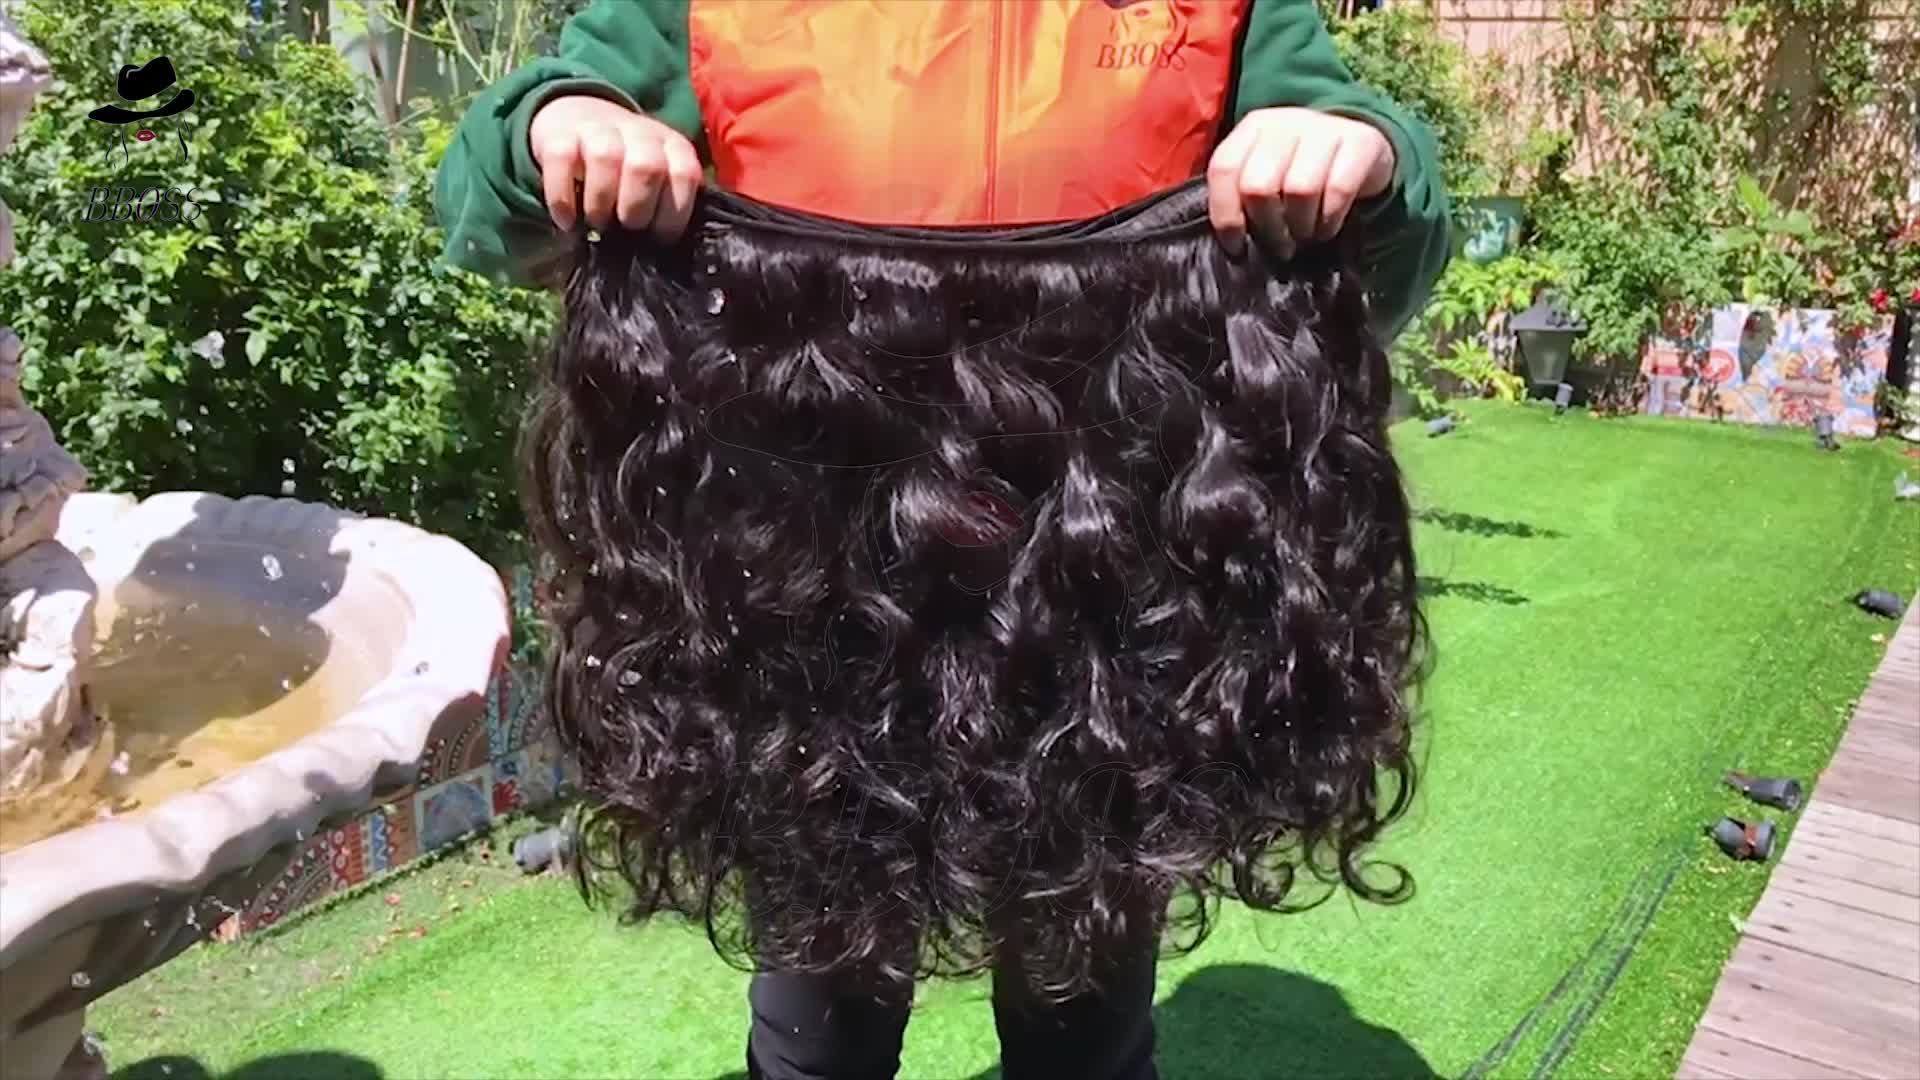 BBOSS Gros raw cheveux indiens de vierge, 100% naturel indien liste de prix de cheveux humains, cheveux naturels premières gros indien remy cheveux